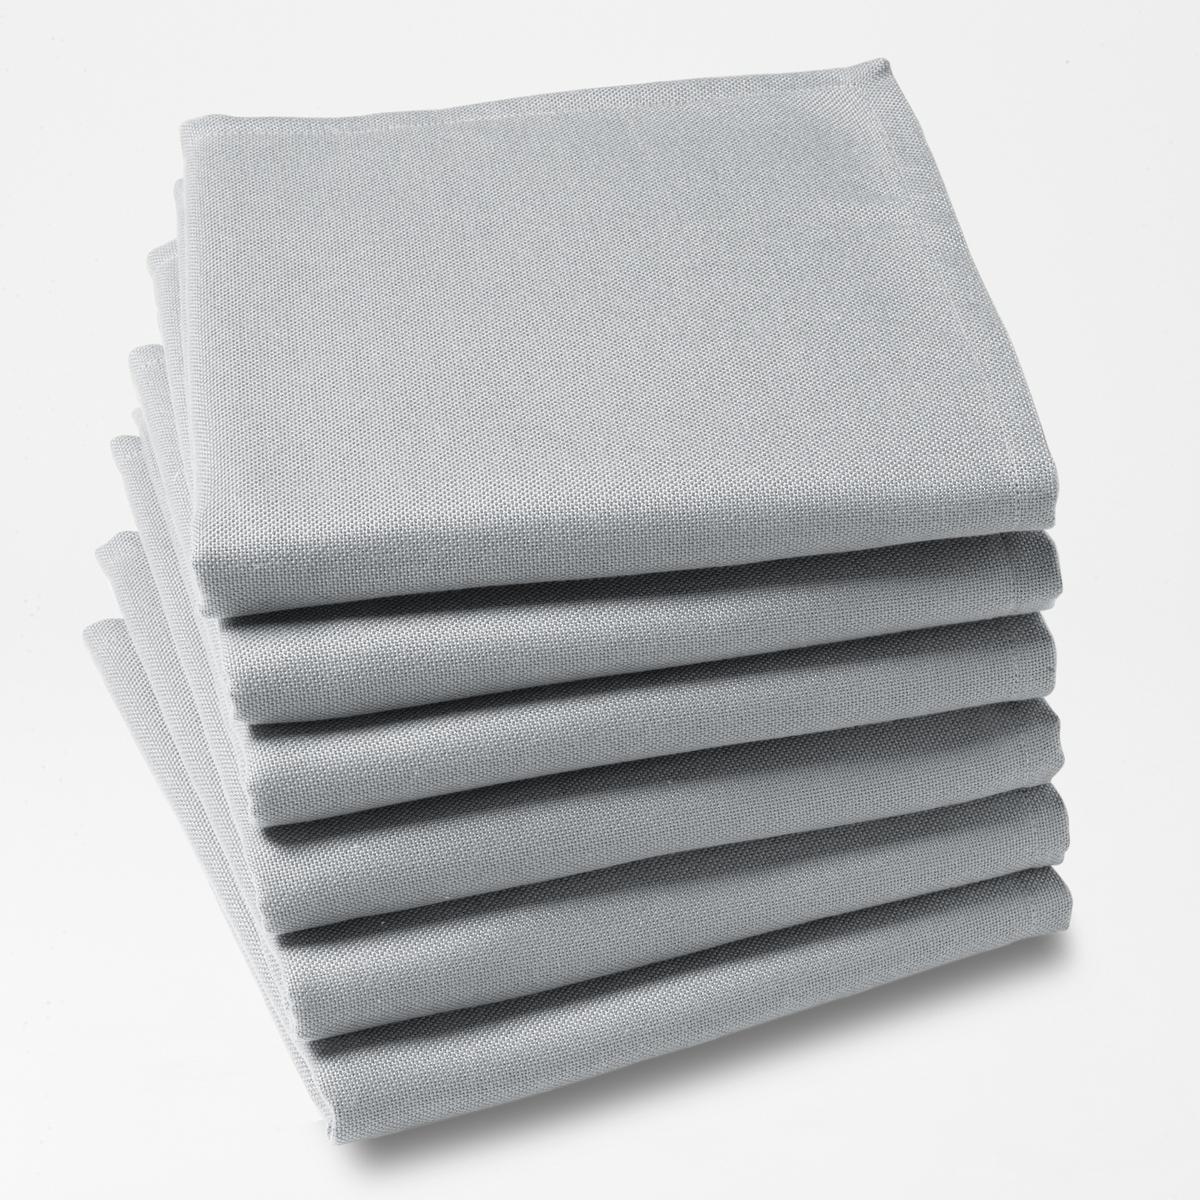 6 салфетокКомплект из 6 однотонных столовых салфеток из 100% полиэстера с покрытием от пятен. Легкость ухода, глажение не требуется.Характеристики столовых салфеток:100% полиэстера.Покрытие от пятен.Подшитые края. Стирать при 40°.Размер. 45 x 45 см.Знак Oeko-Tex® гарантирует, что товары протестированы и сертифицированы, не содержат вредных веществ, которые могли бы нанести вред здоровью.<br><br>Цвет: светло-серый,сине-зеленый<br>Размер: 45 x 45  см.45 x 45  см